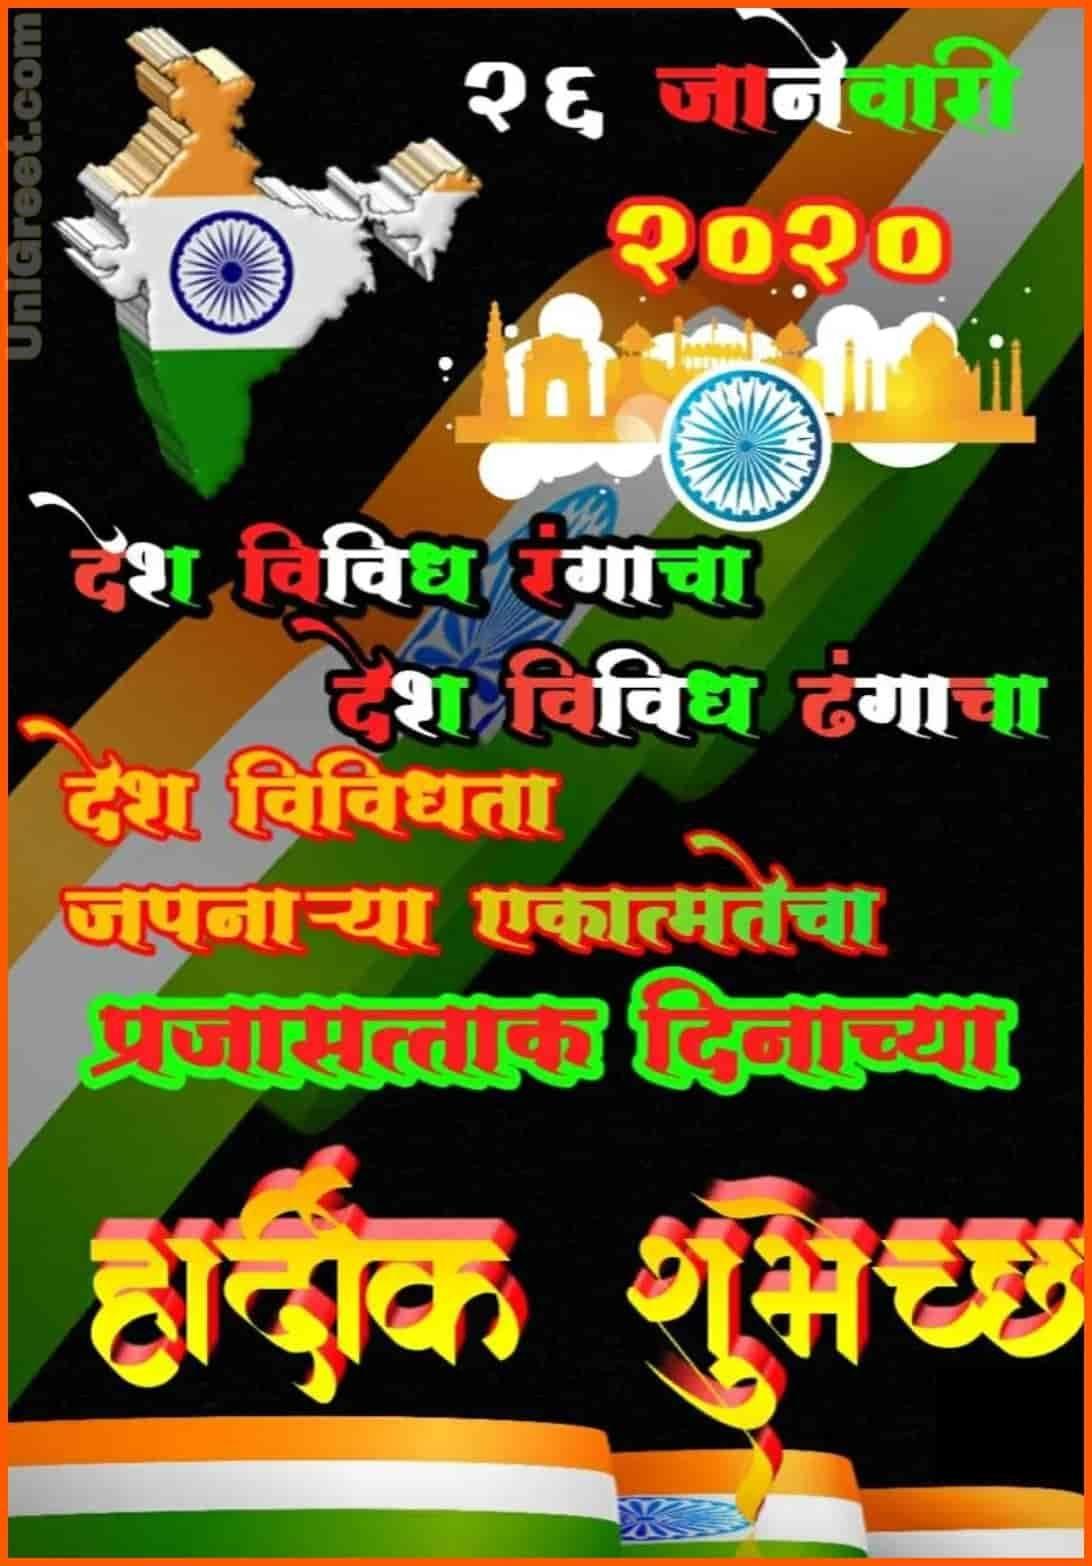 2020 Best 26 January Prajasattak Din Images Wishes Banner In Marathi Banner Wishes Images Dinning 26 january 2021 image marathi shayri